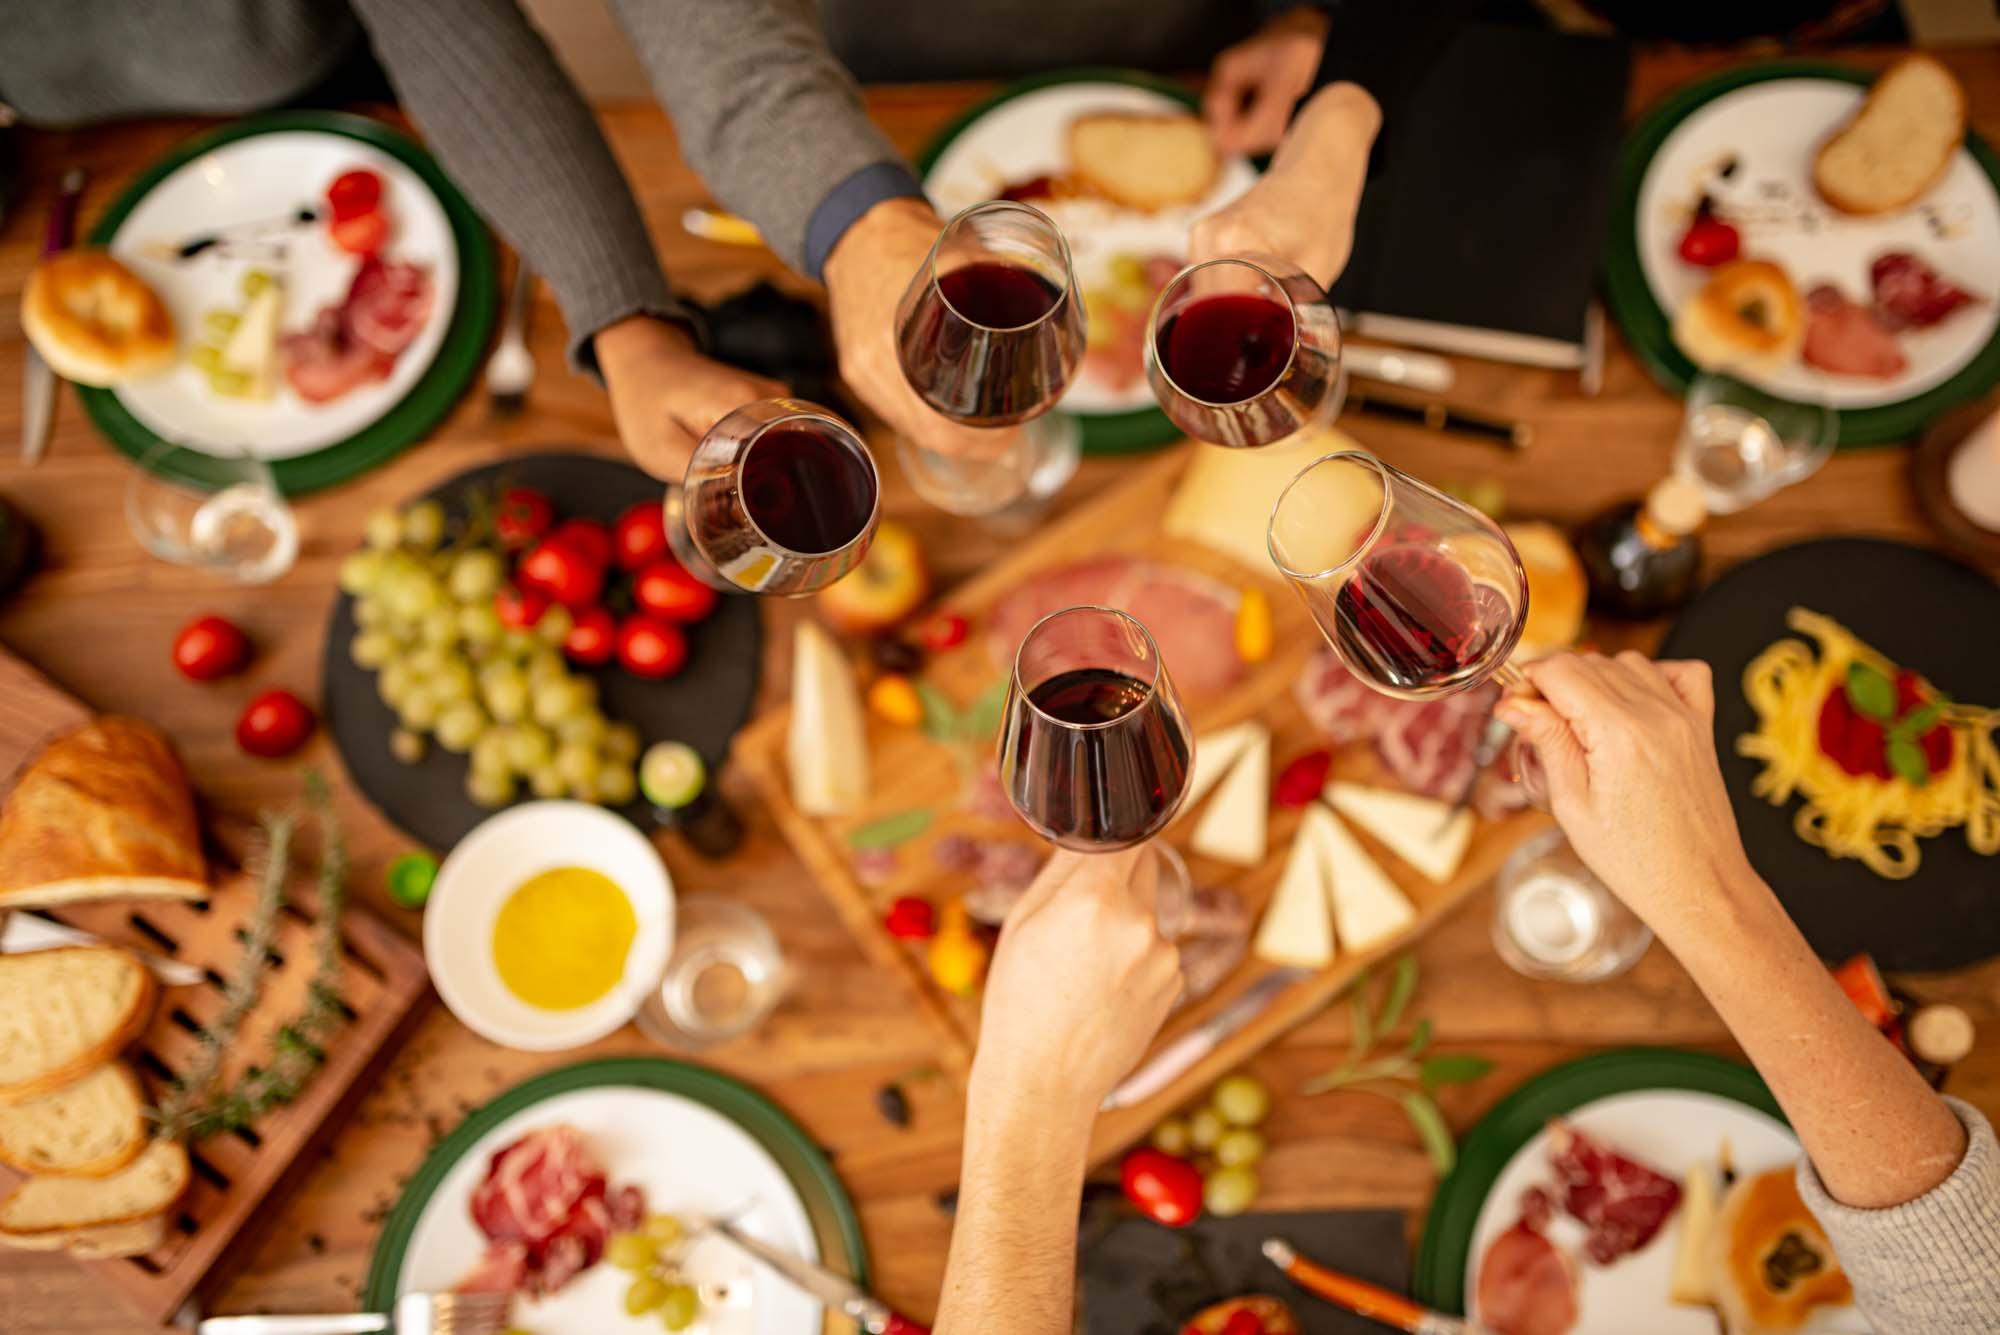 Cucina Amatoriale Cene Aziendali a Padova